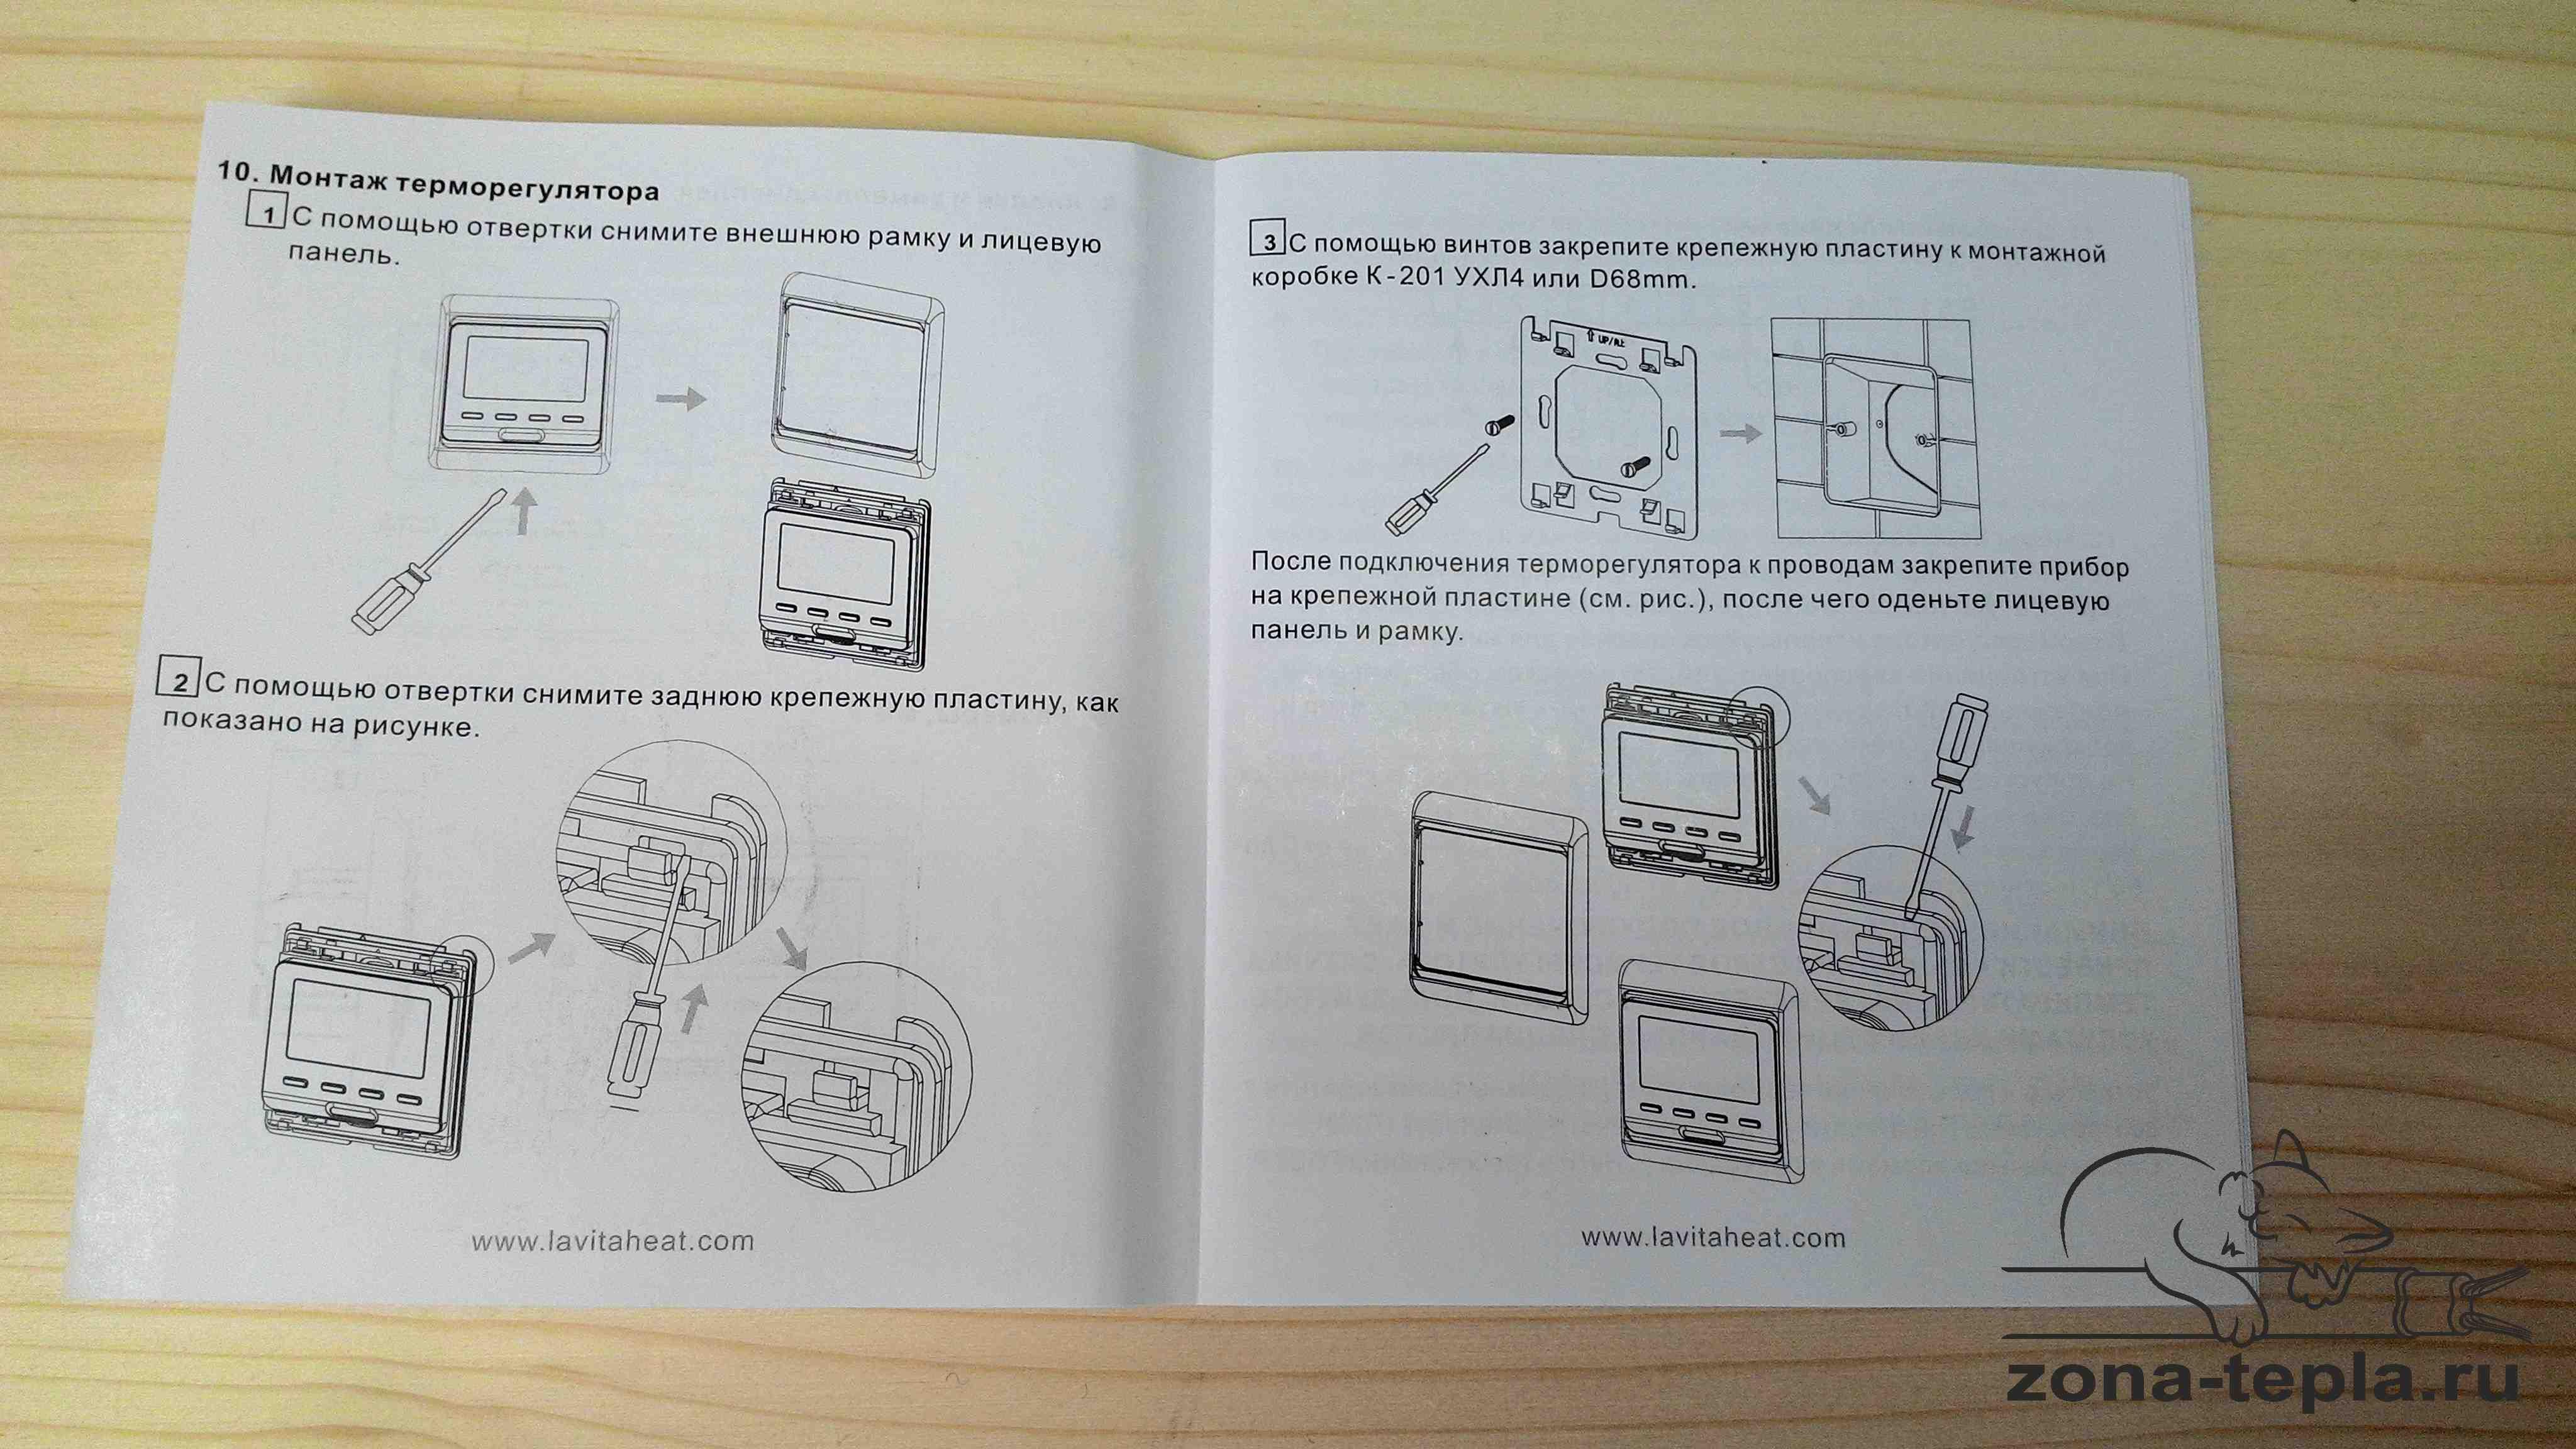 Терморегулятор для теплого пола Lavita E51.716 инструкция стр 4